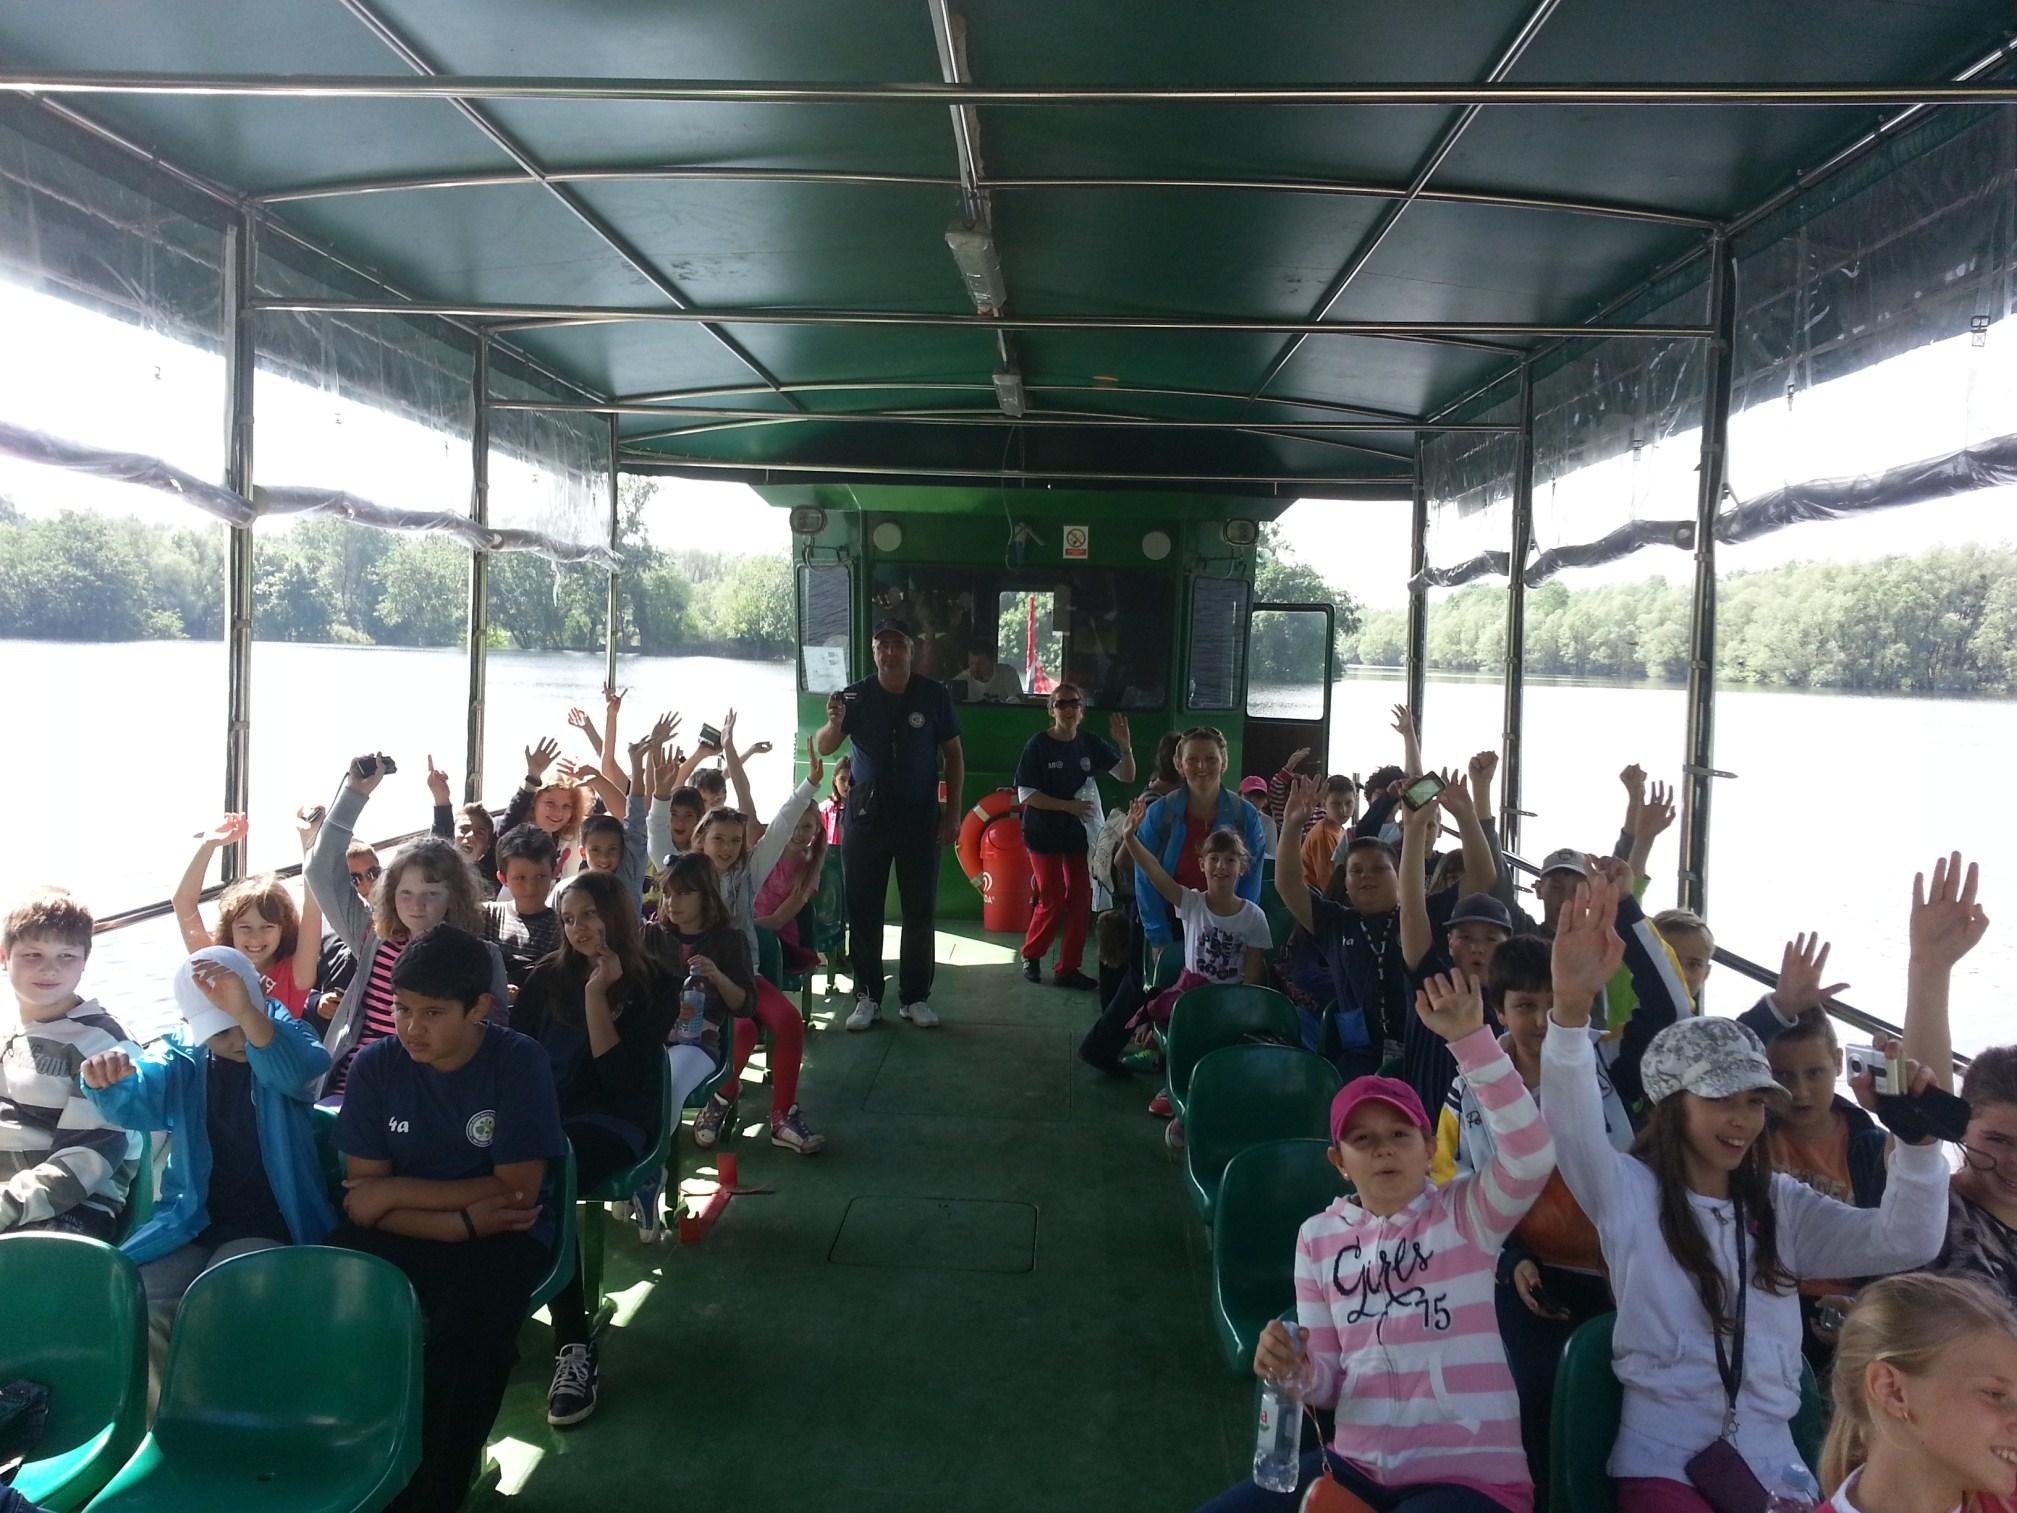 Najveći slavonski grad Osijek i Baranja: Park prirode Kopački rit